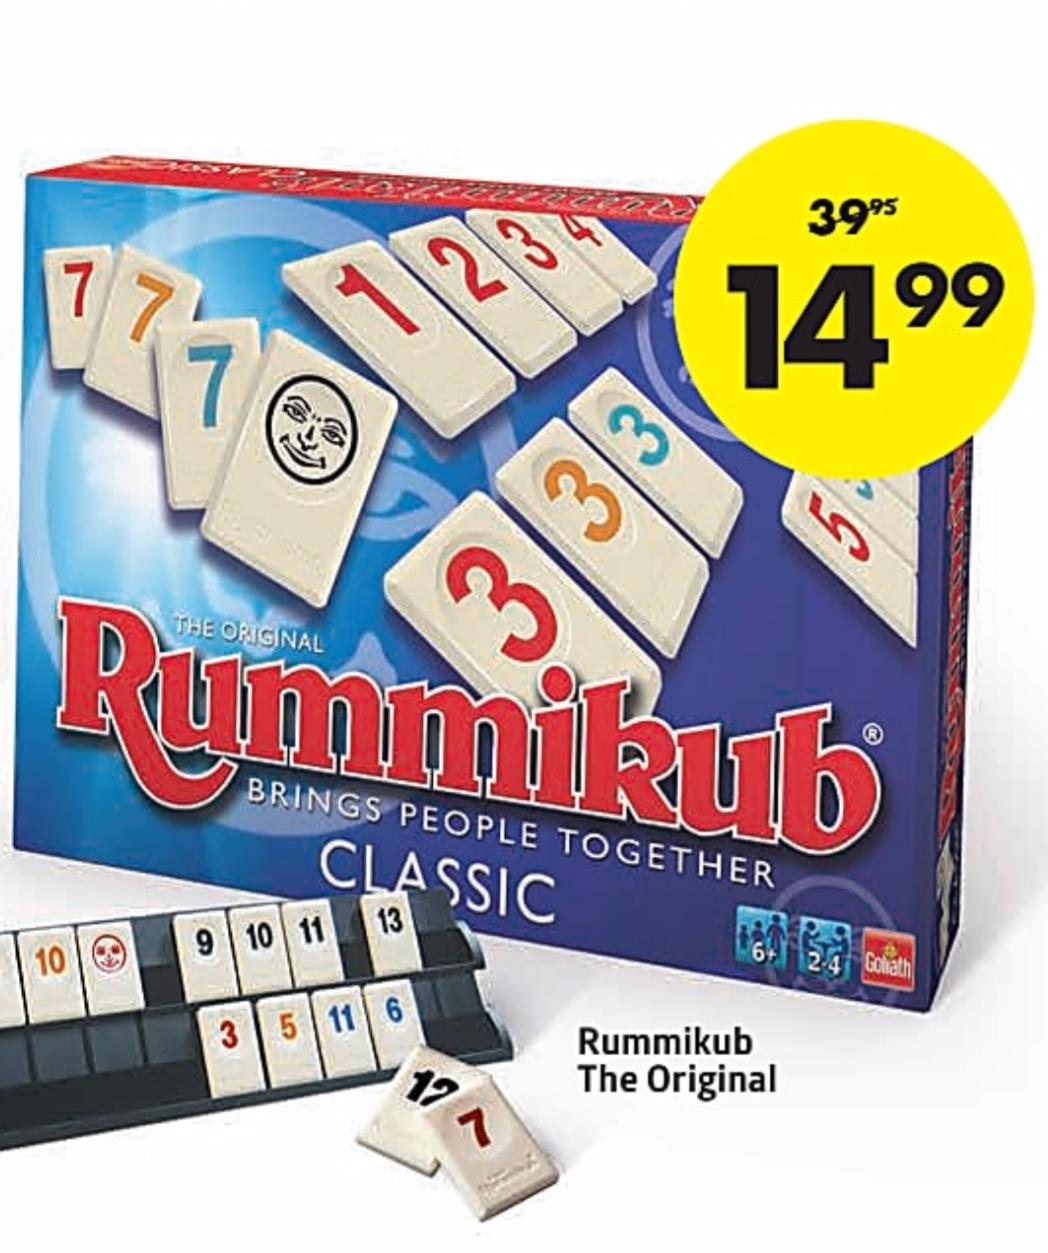 Bruna   Rumikub The Original